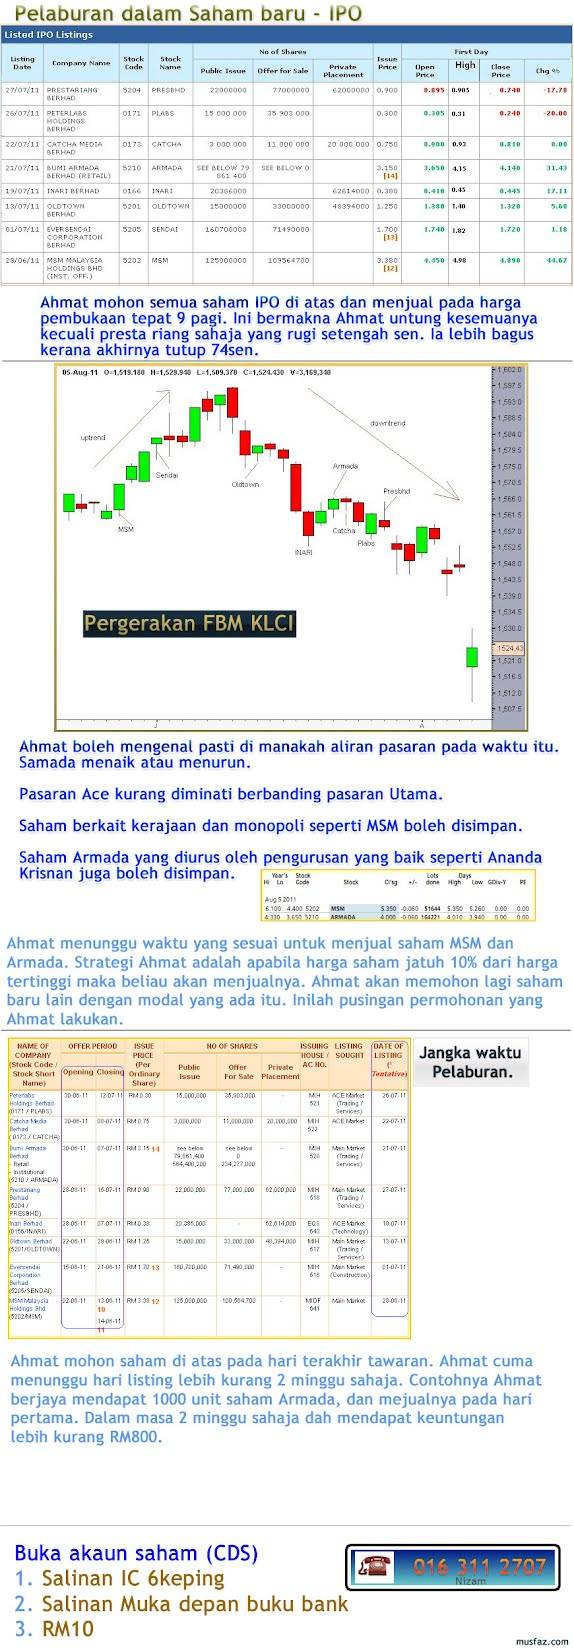 Contoh saham IPO yang dah lepas